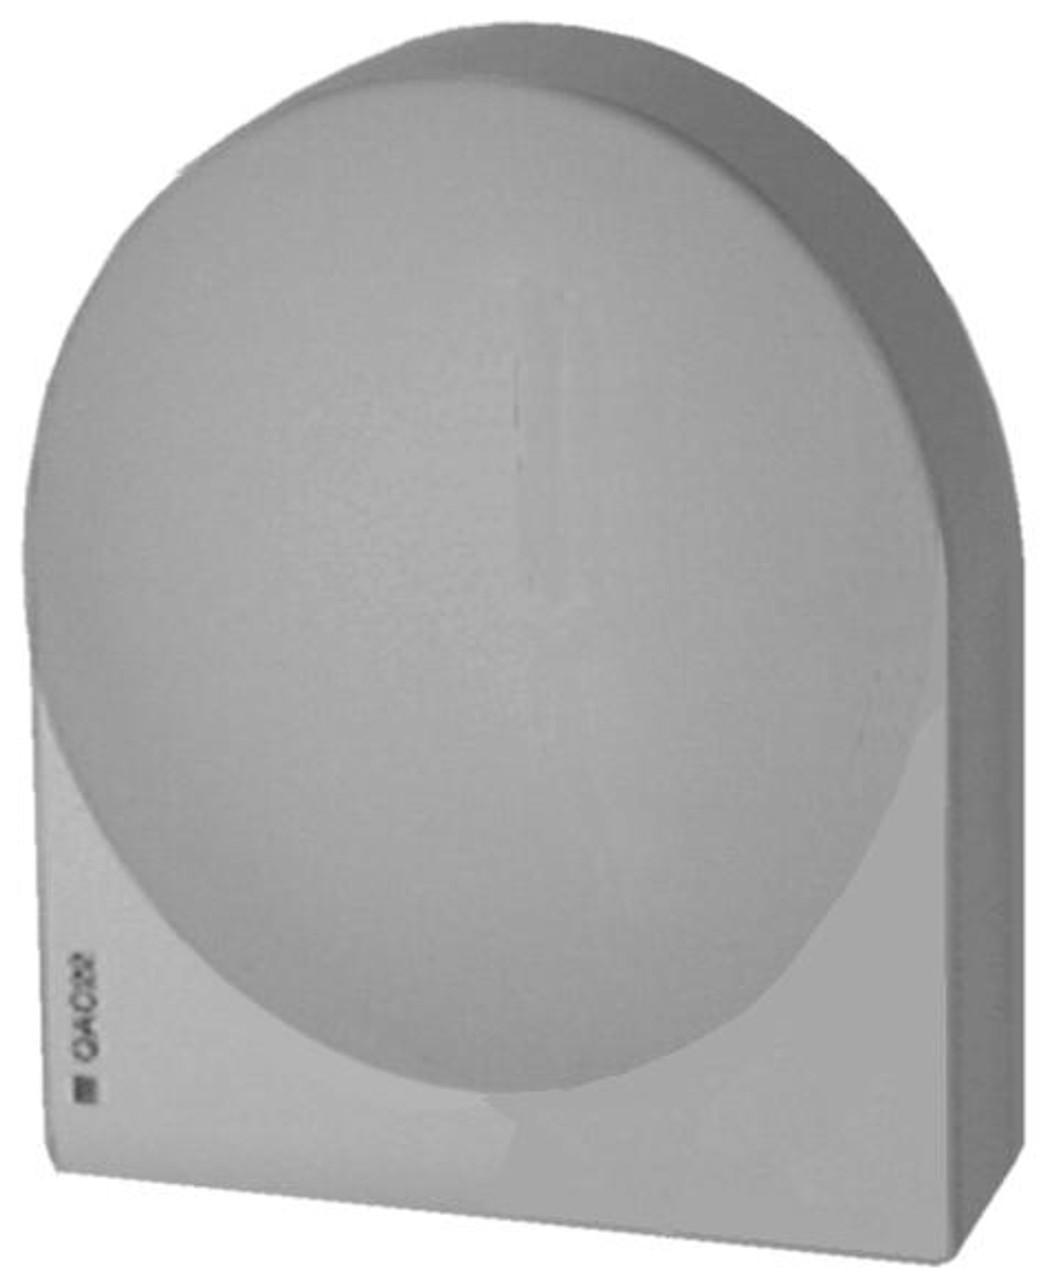 LouiseEvel215 ISD1820 10s Mic Voice Sound Playback Board Registrazione Kit Modulo registratore Microfono Altoparlante Audio Altoparlante per Arduino